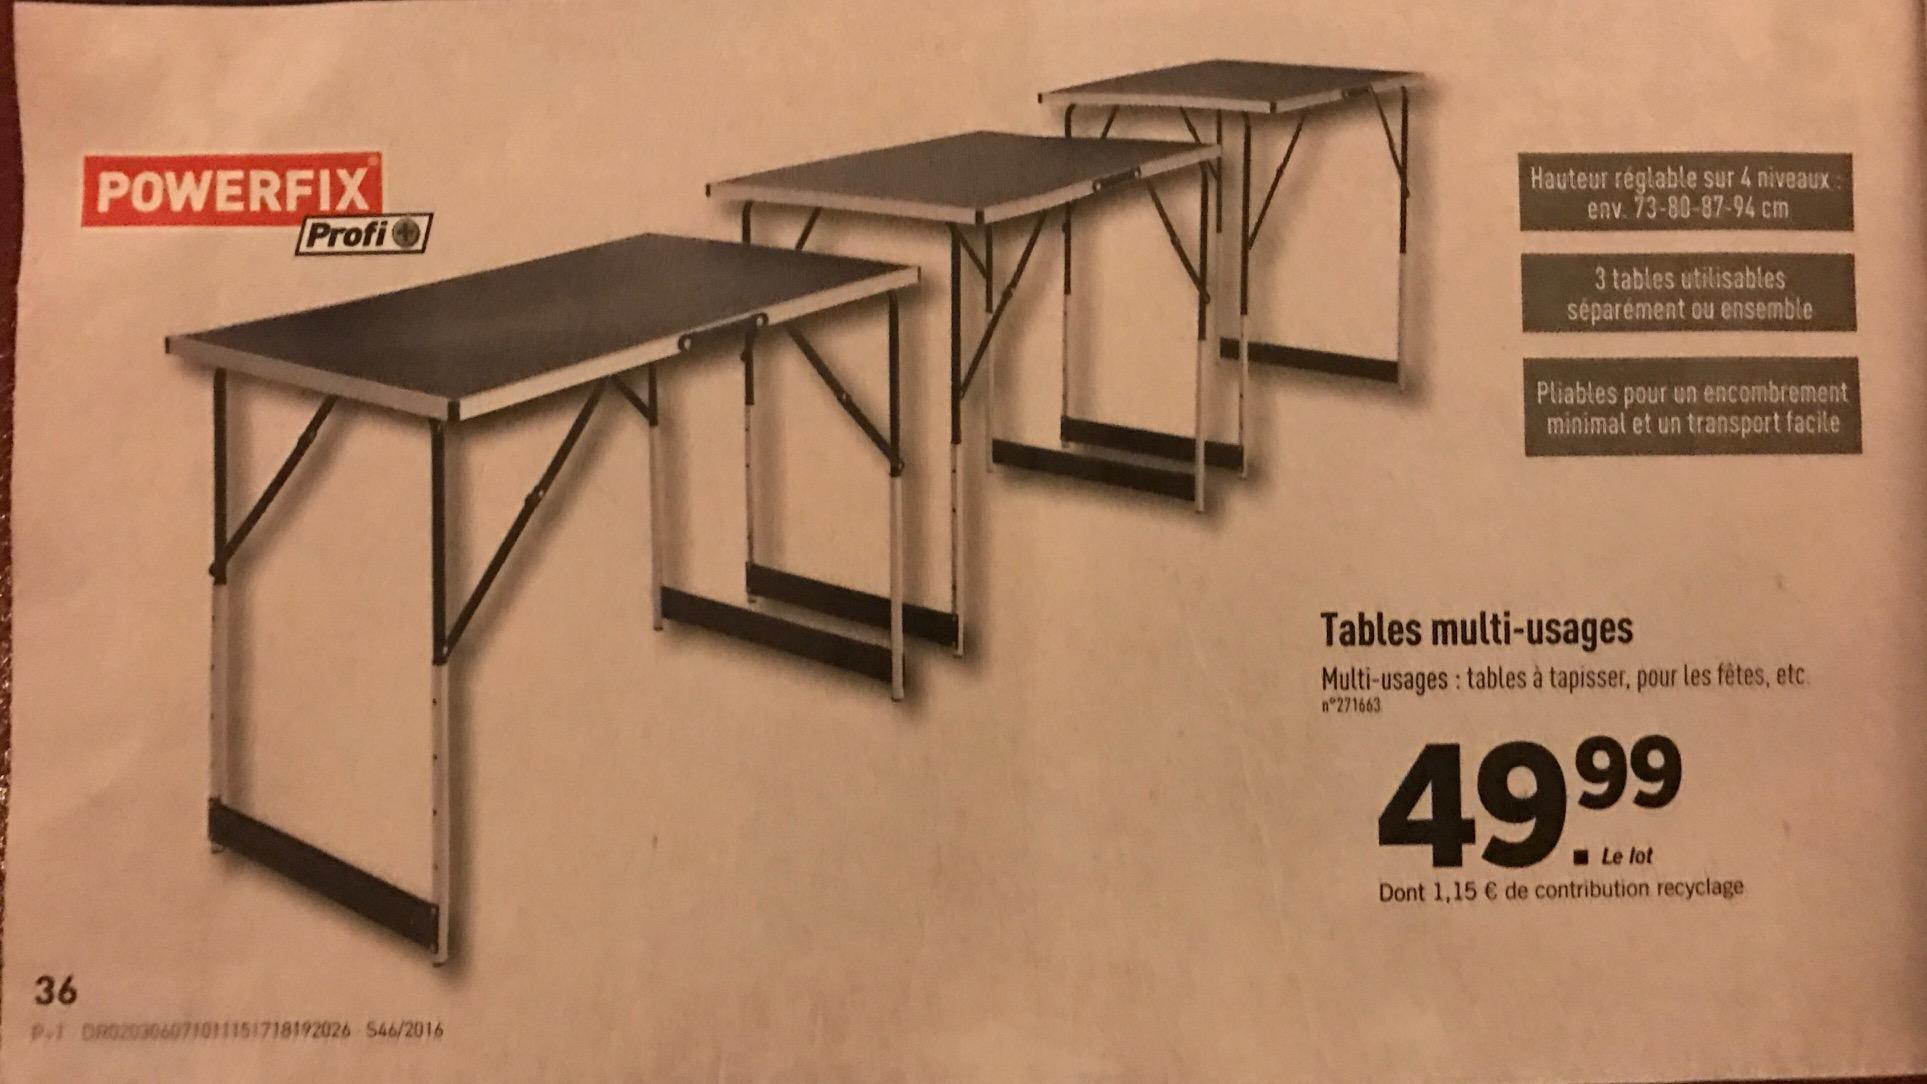 3 Tables pliantes multi-usages Powerfix